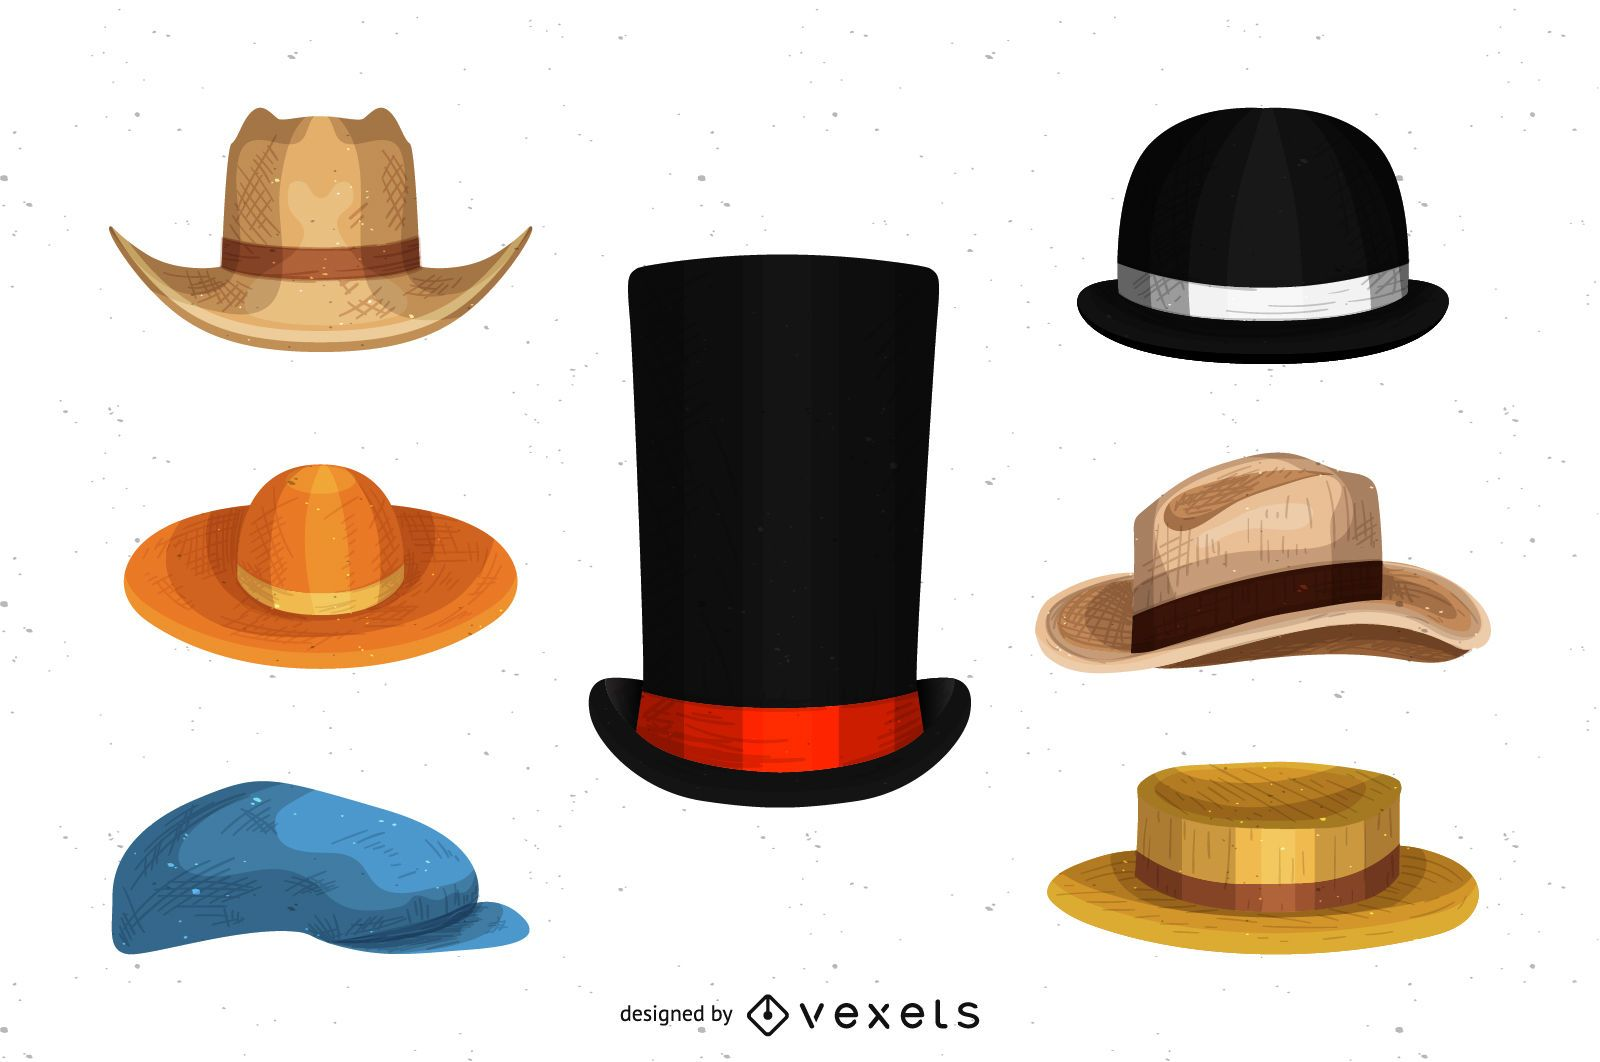 Conjunto de dibujos de sombrero de hombre. - Descargar vector 32462183faa